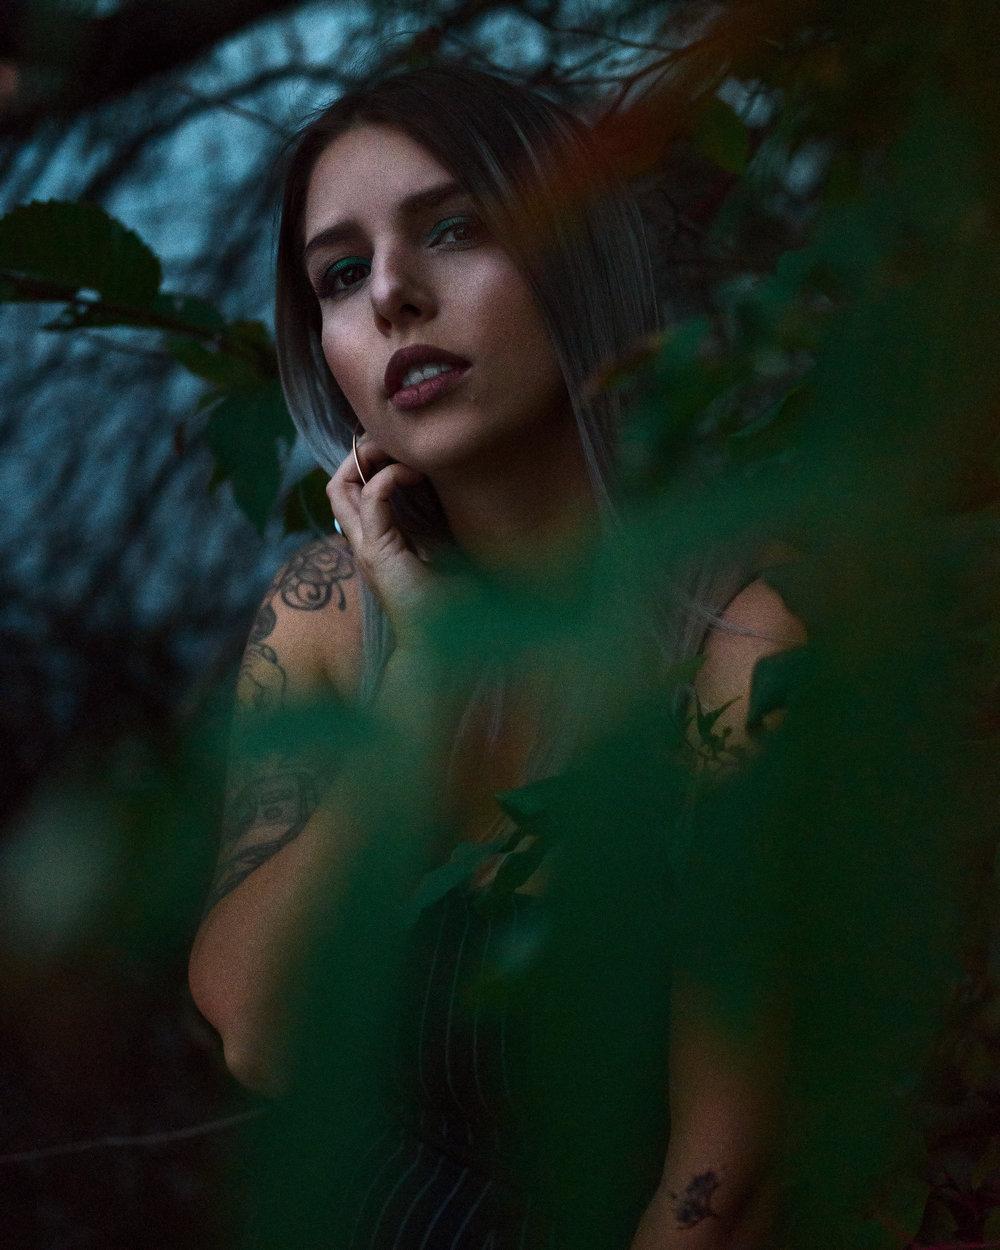 PierAnne_20-09-2018_011.jpg